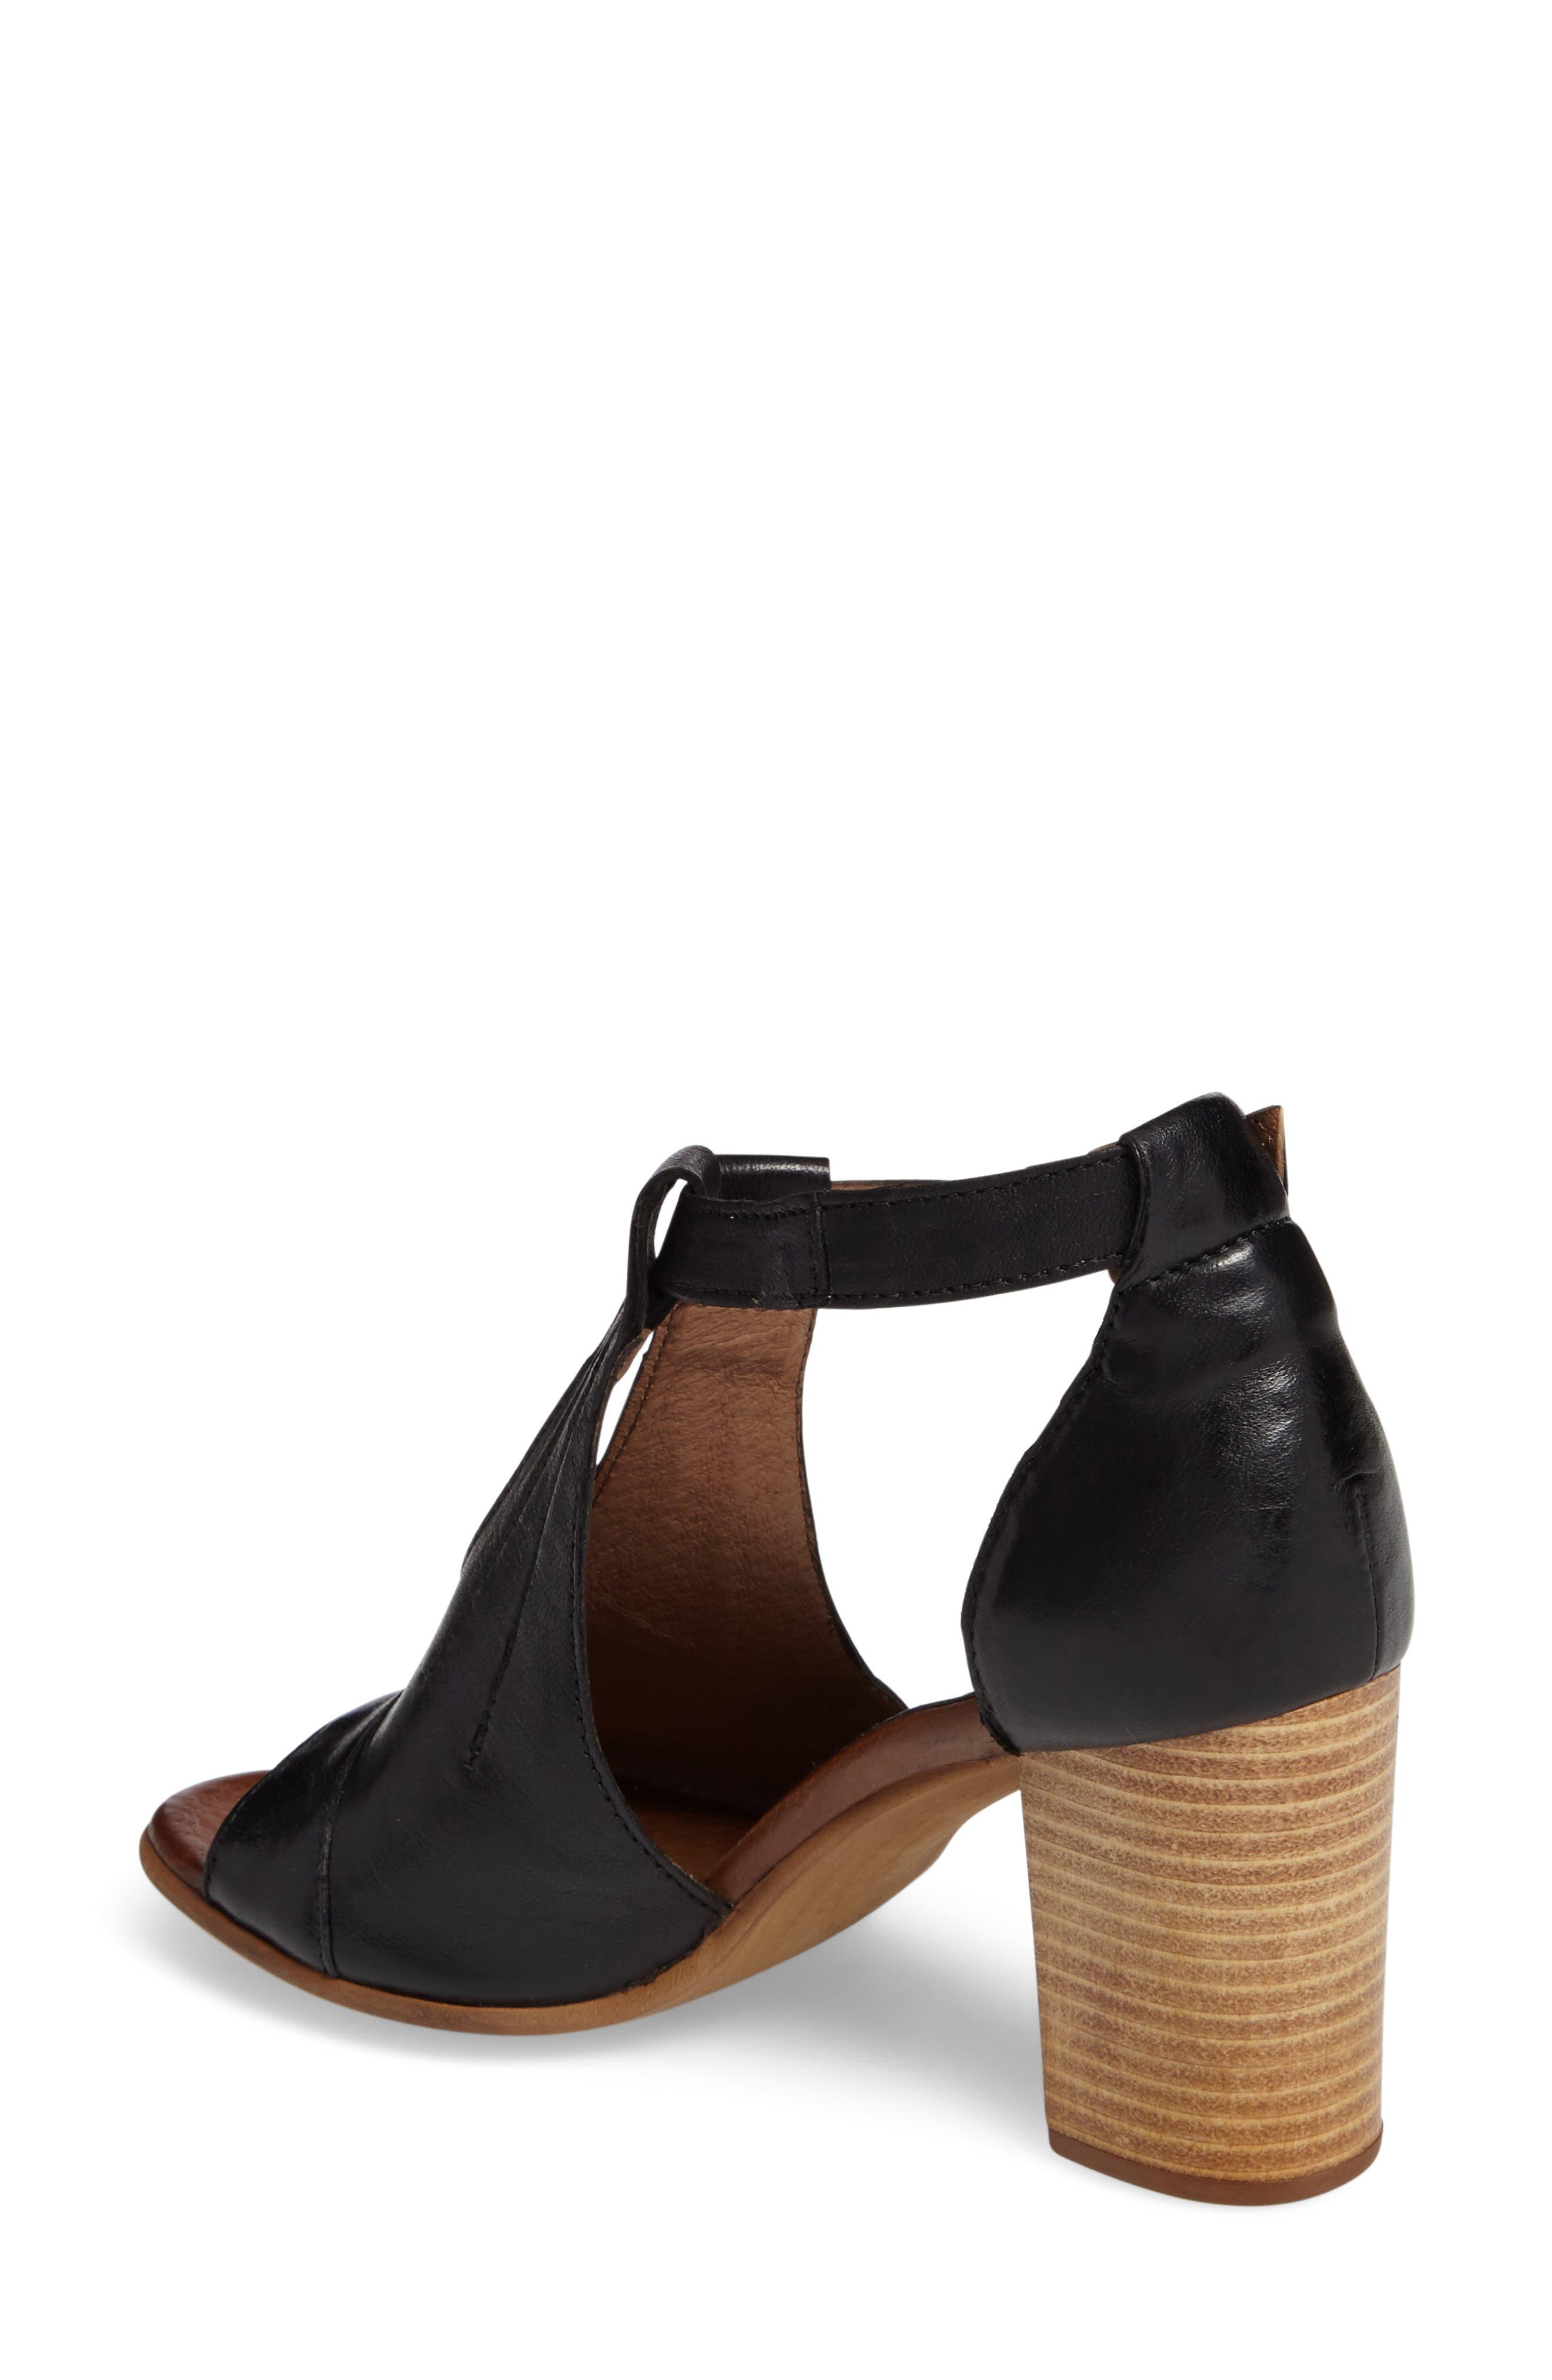 Alternate Image 2  - Miz Mooz Savannah T-Strap Strap Sandal (Women)